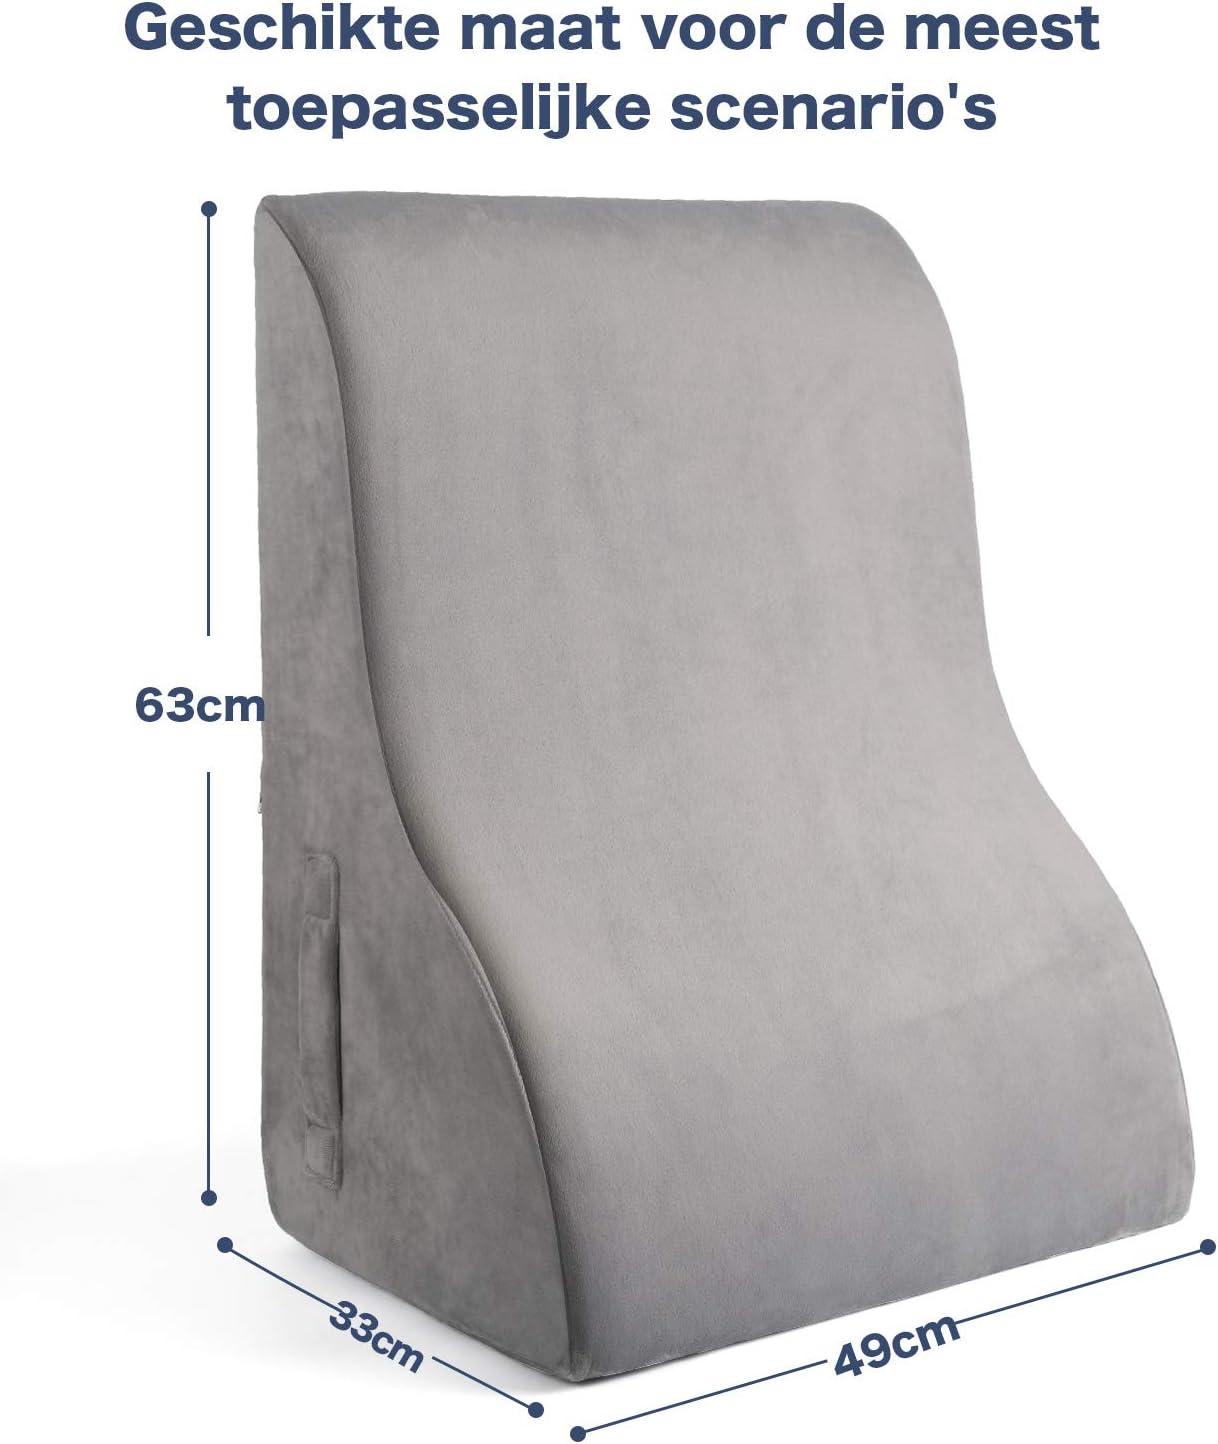 Almohada de cu/ña para ver y leer en la cama o sof/á SAPOIGUANA piernas y rodillas ayuda con el reflujo /ácido fabricado en espuma con funda extra/íble y lavable Coj/ín de apoyo para espalda